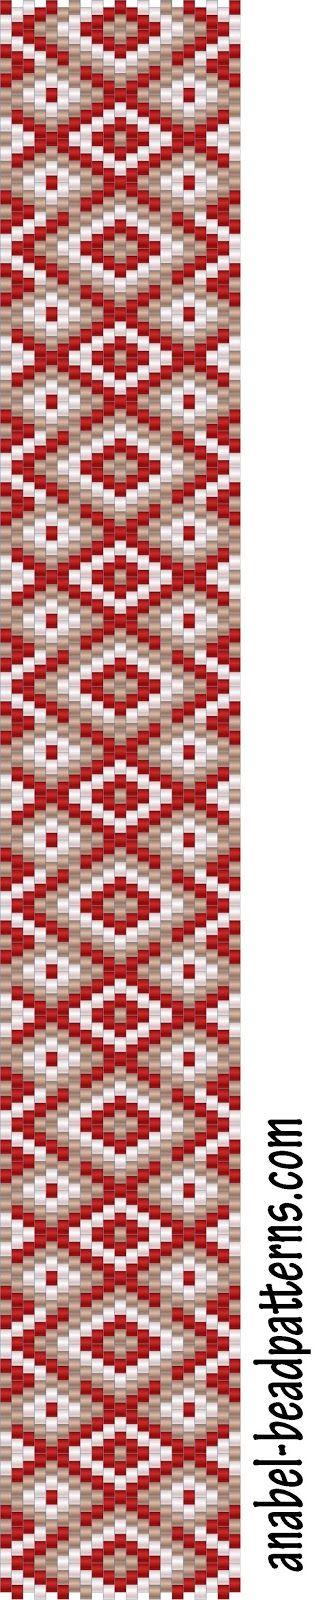 """Схема браслета """"Забытые узоры"""" - Free peyote bracelet pattern   - Схемы для бисероплетения / Free bead patterns -"""